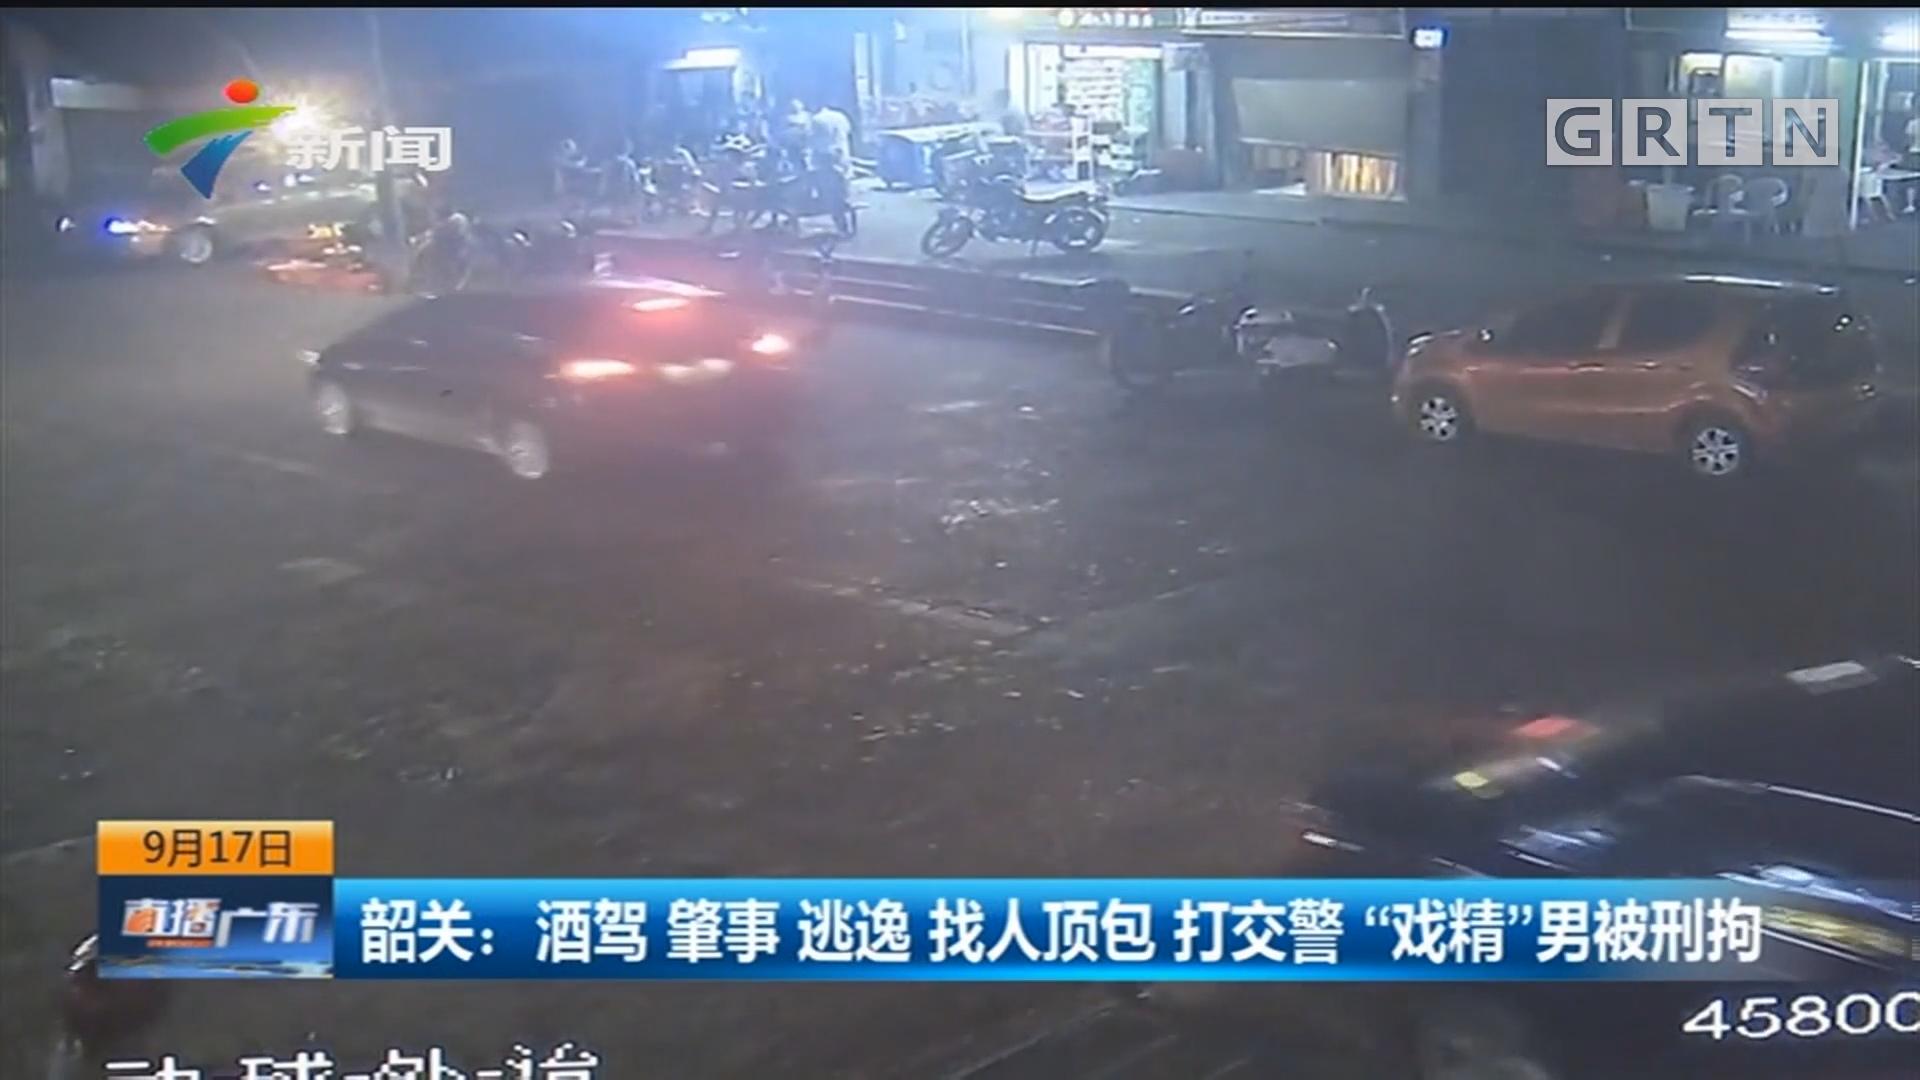 """韶关:酒驾 肇事 逃逸 找人顶包 打交警 """"戏精""""男被刑拘"""